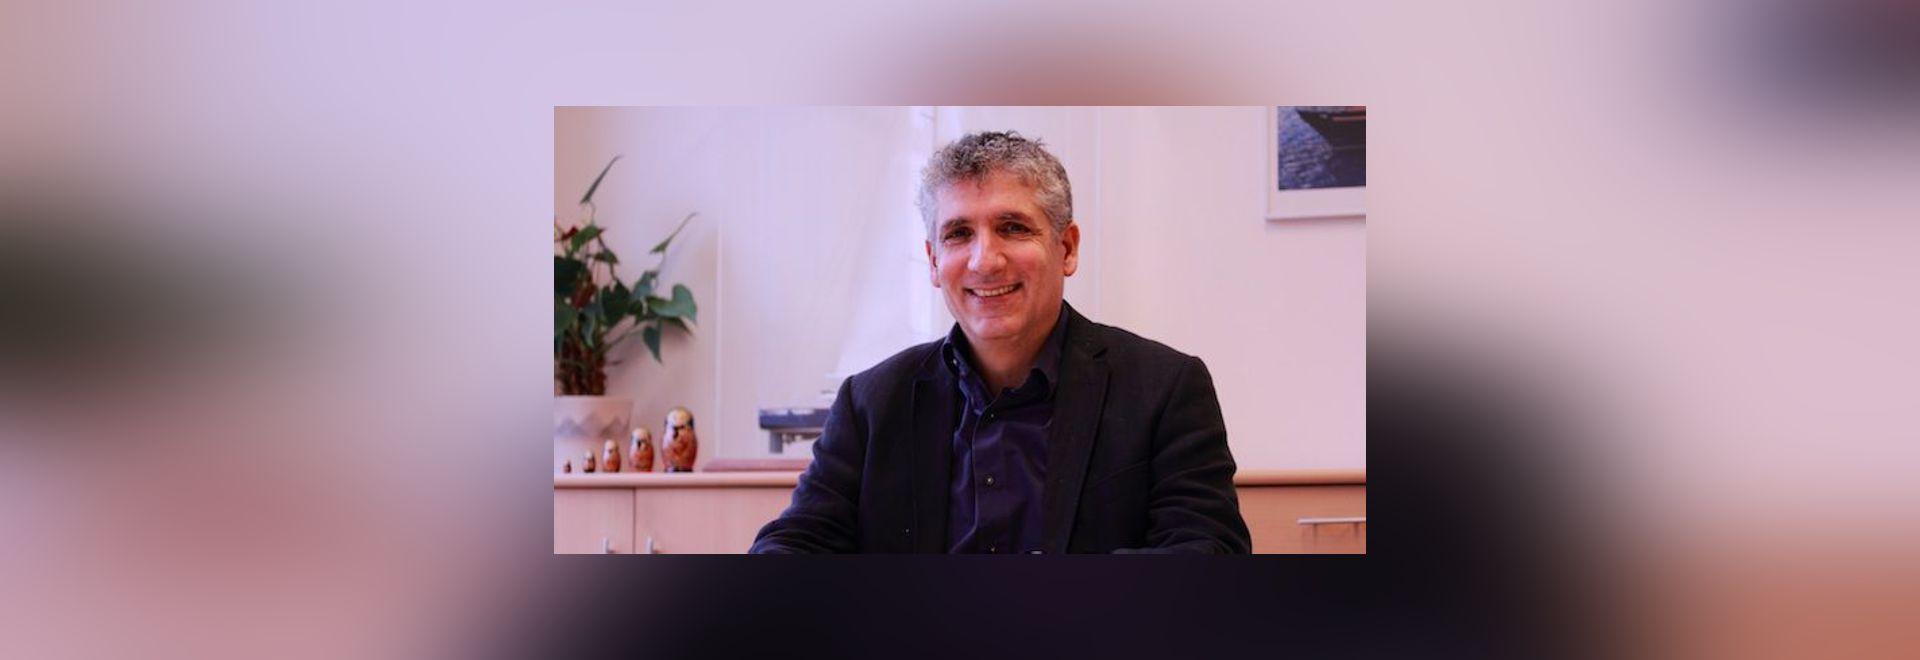 SYDW 2014 Speaker Spotlight: Jaron Ginton